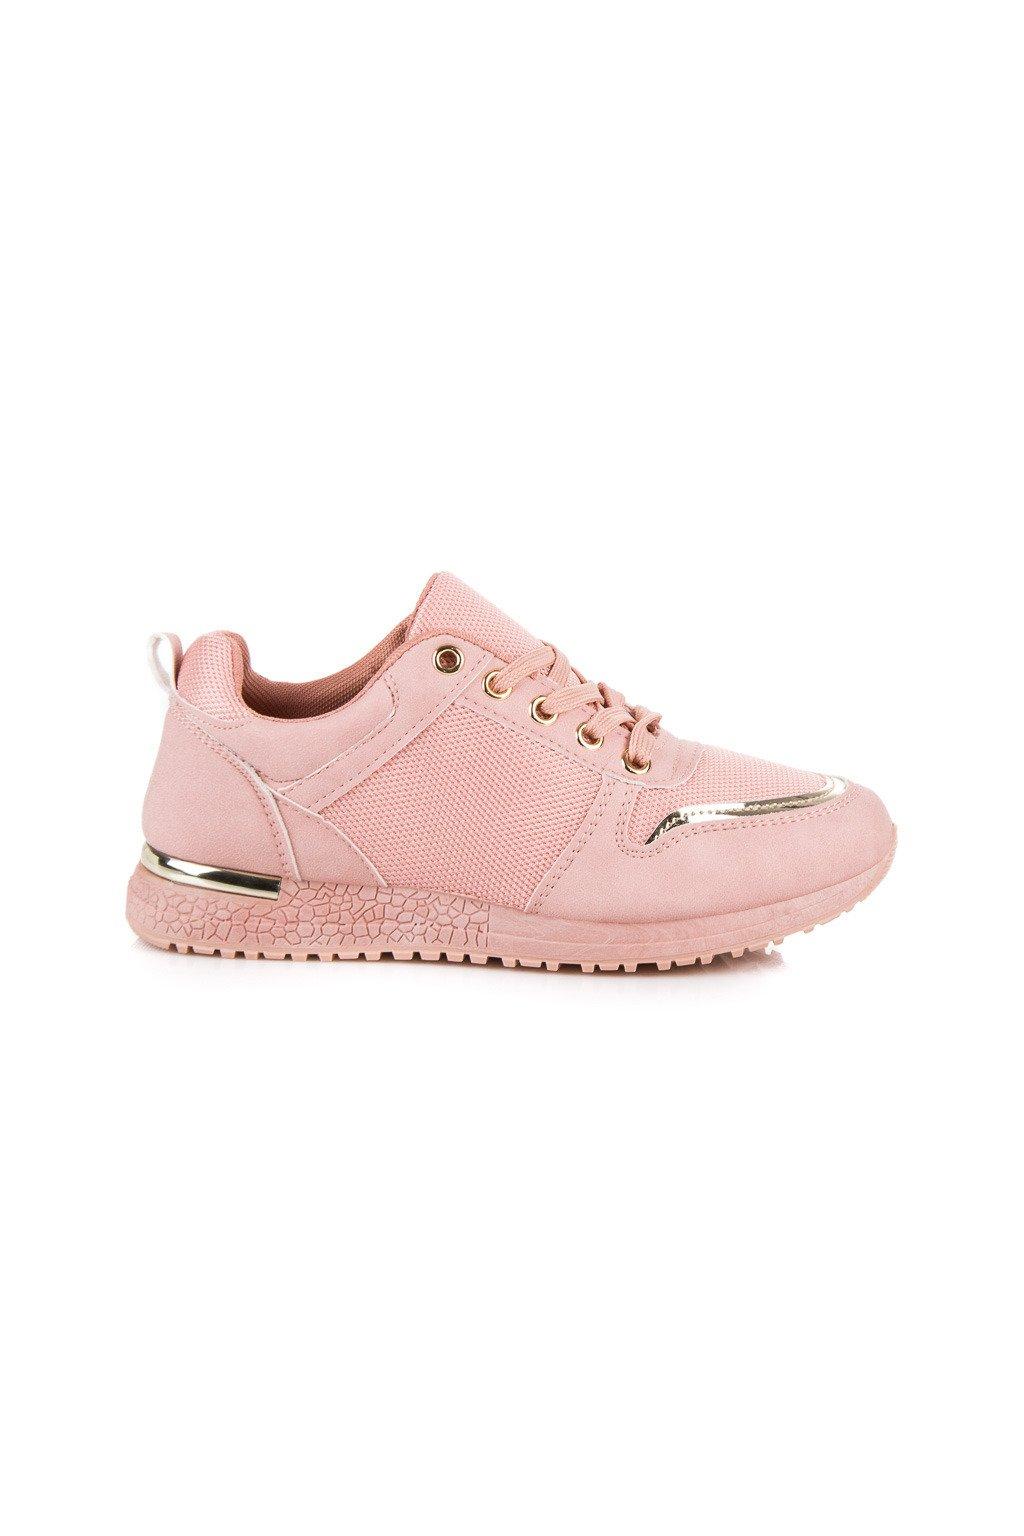 372f8d35b645 Dámske ružové športové tenisky Seastar BL128P